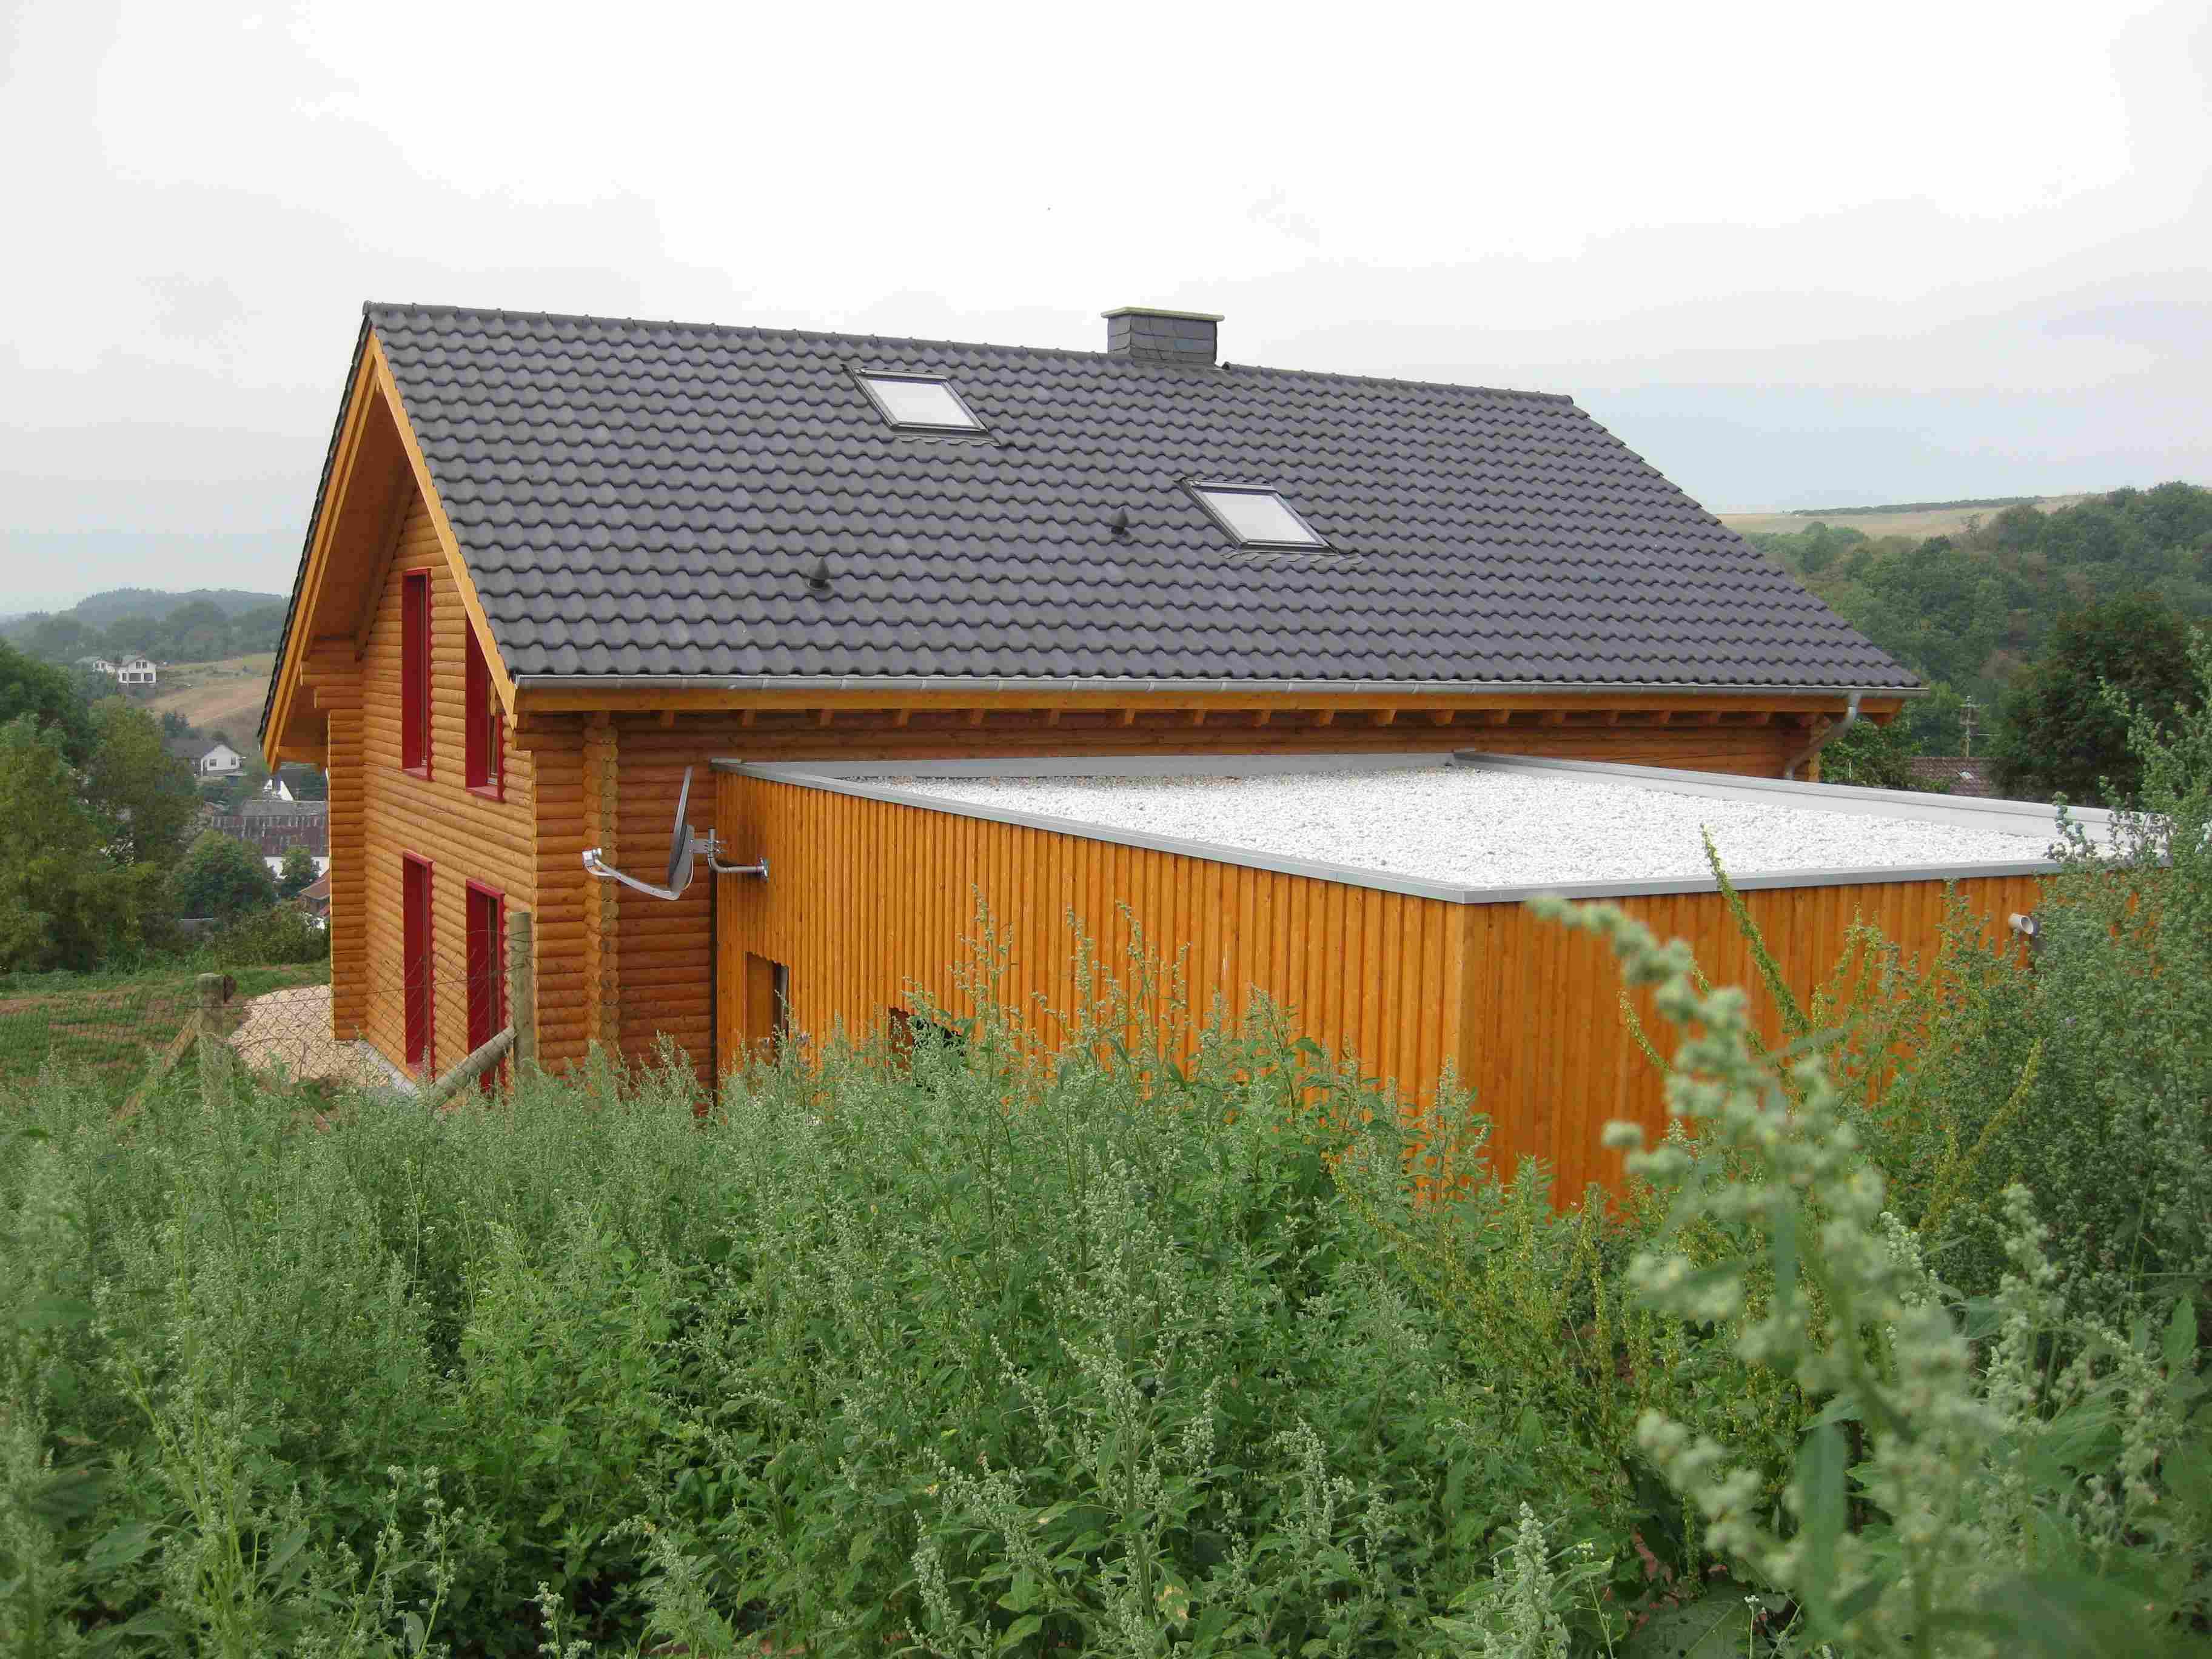 Floss - Blockhaus - Holzrahmen - Zimmerei - Architektur: WH Bilder ...